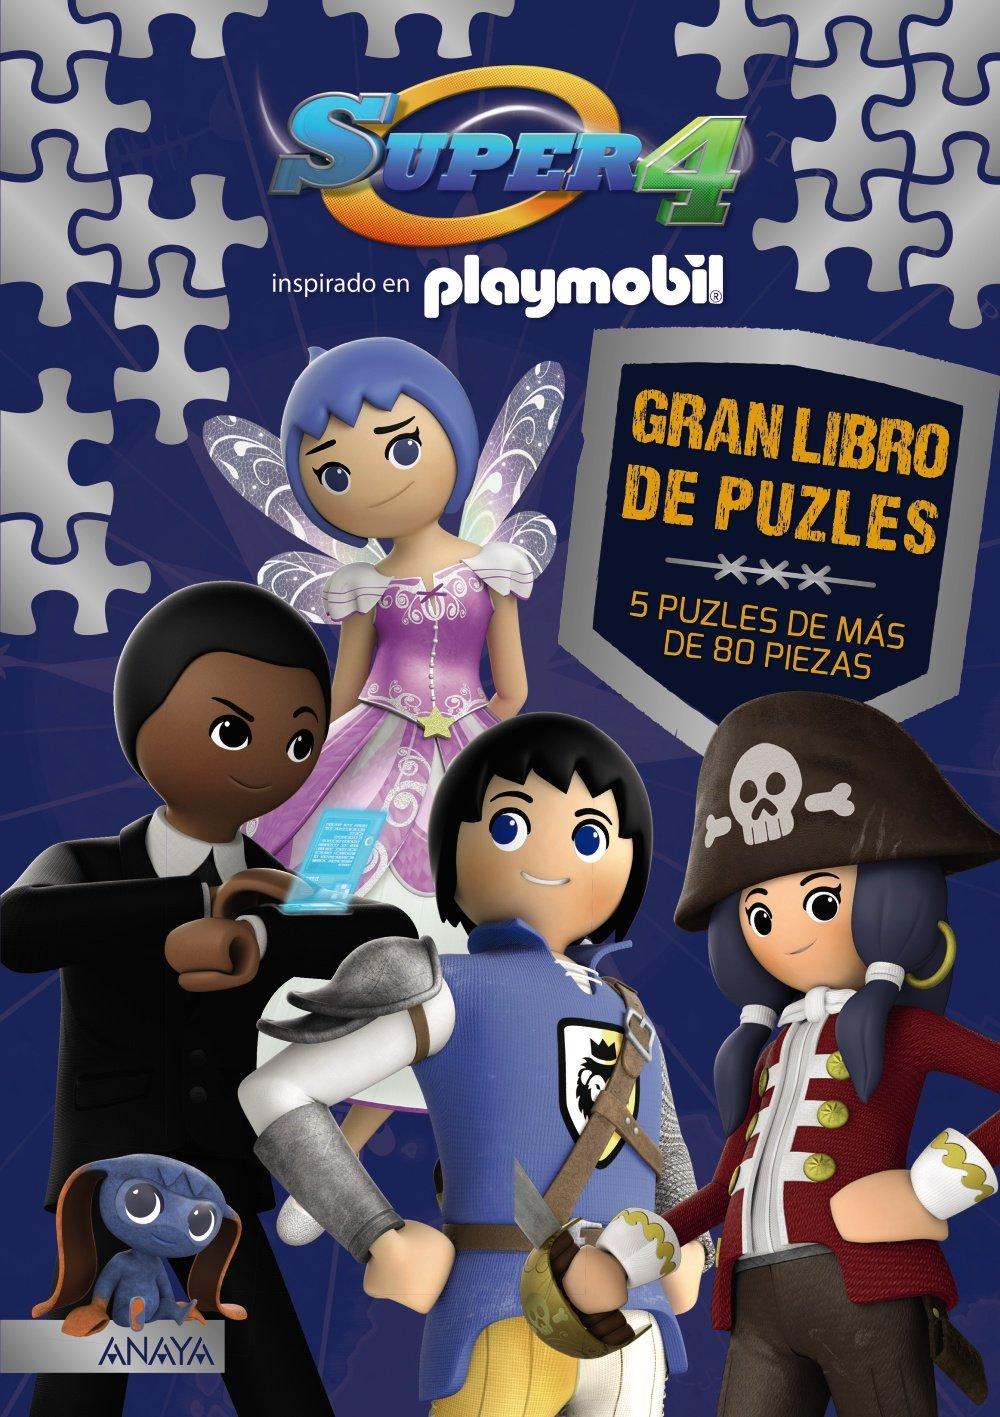 Gran libros de puzzles